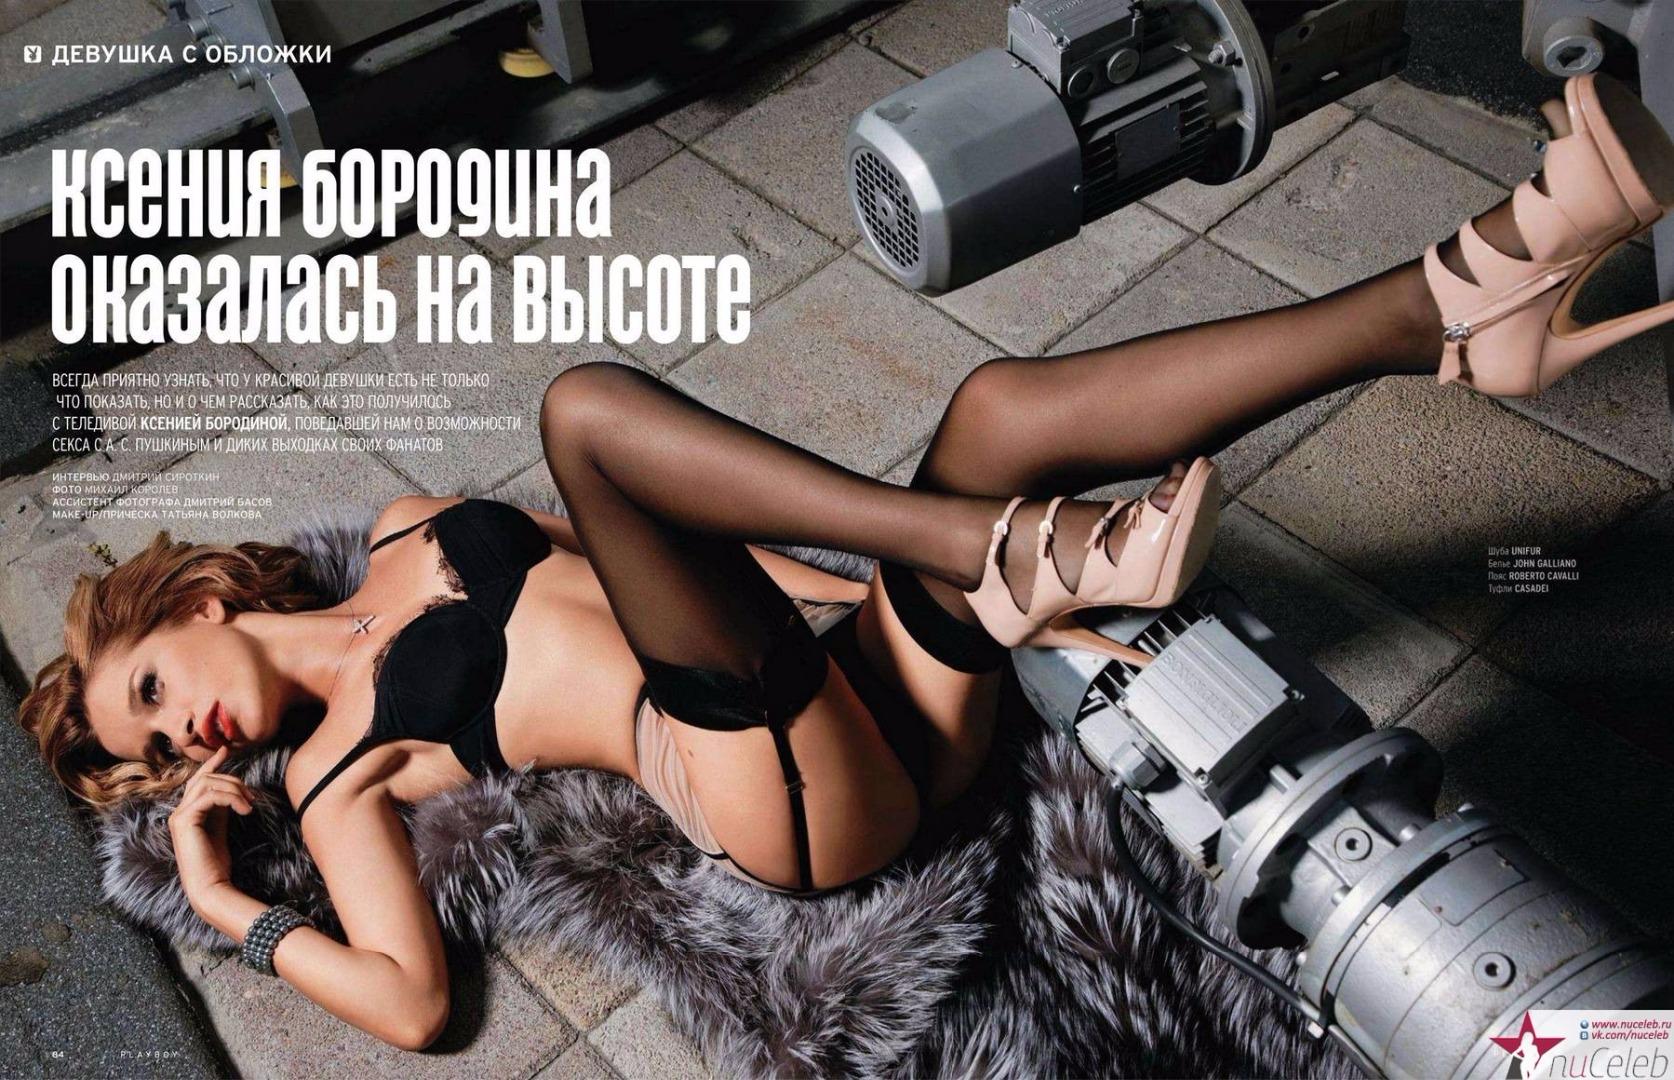 golie-foto-ksenieyu-borodinoy